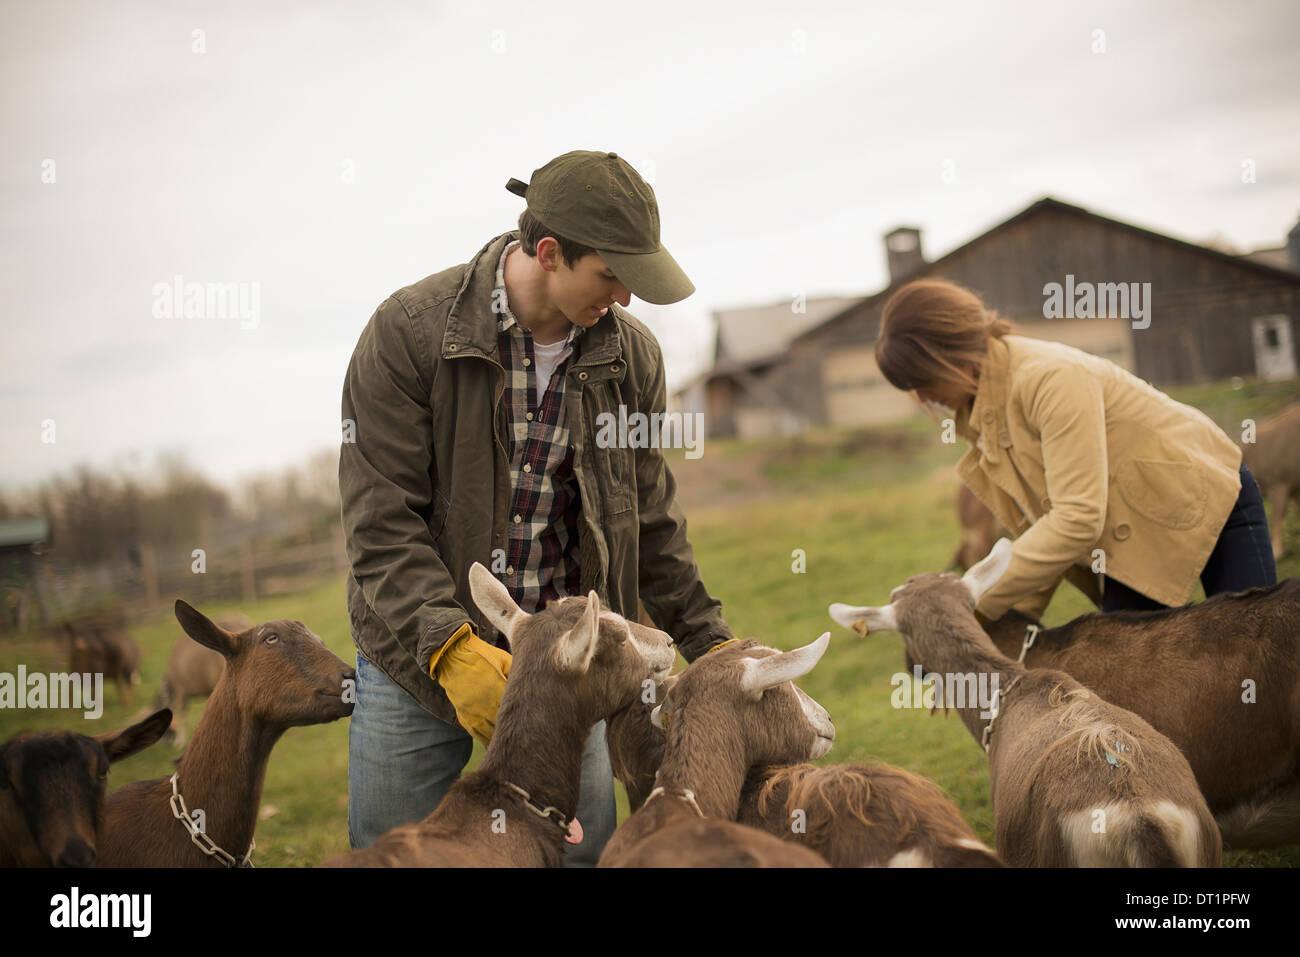 Ferme laitière et de travail des agriculteurs ayant tendance à les animaux Photo Stock